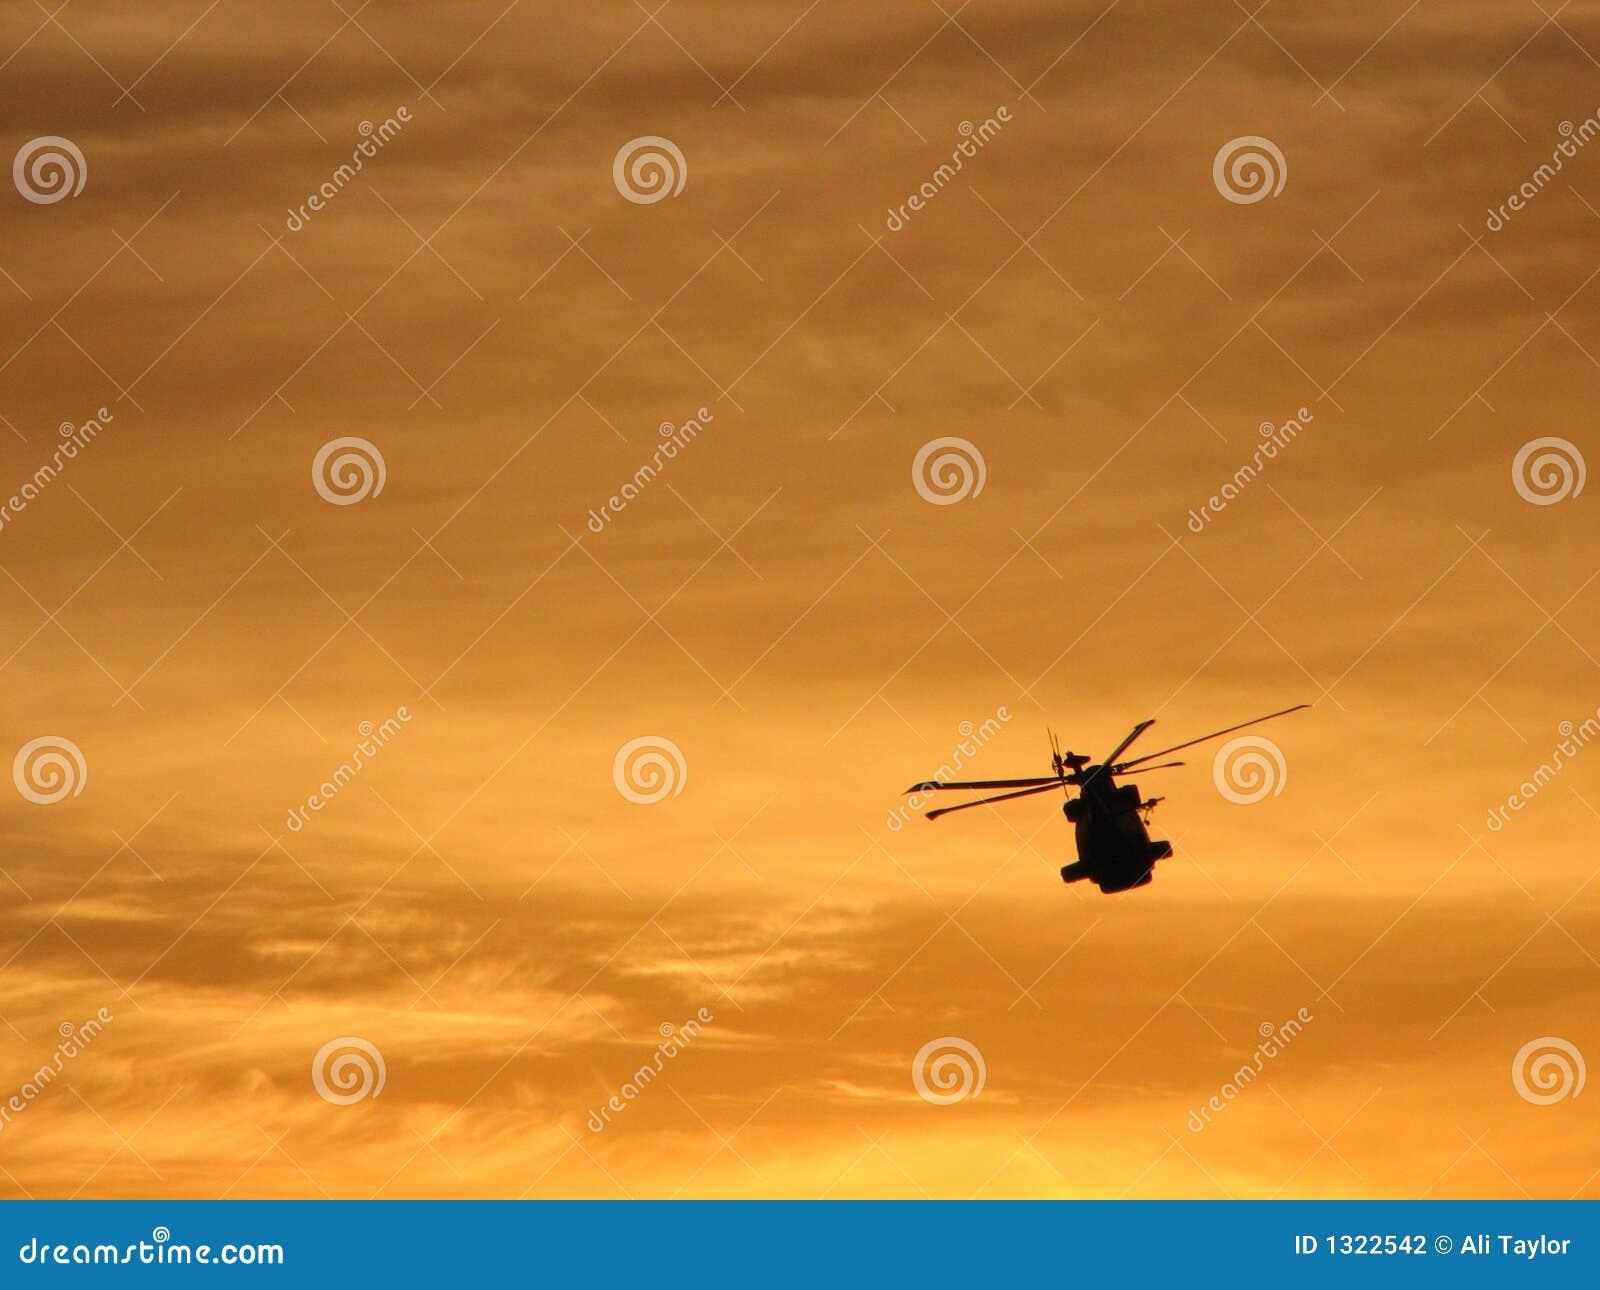 Elicottero Arancione : Elicottero fotografia stock immagine di caldo tramonto